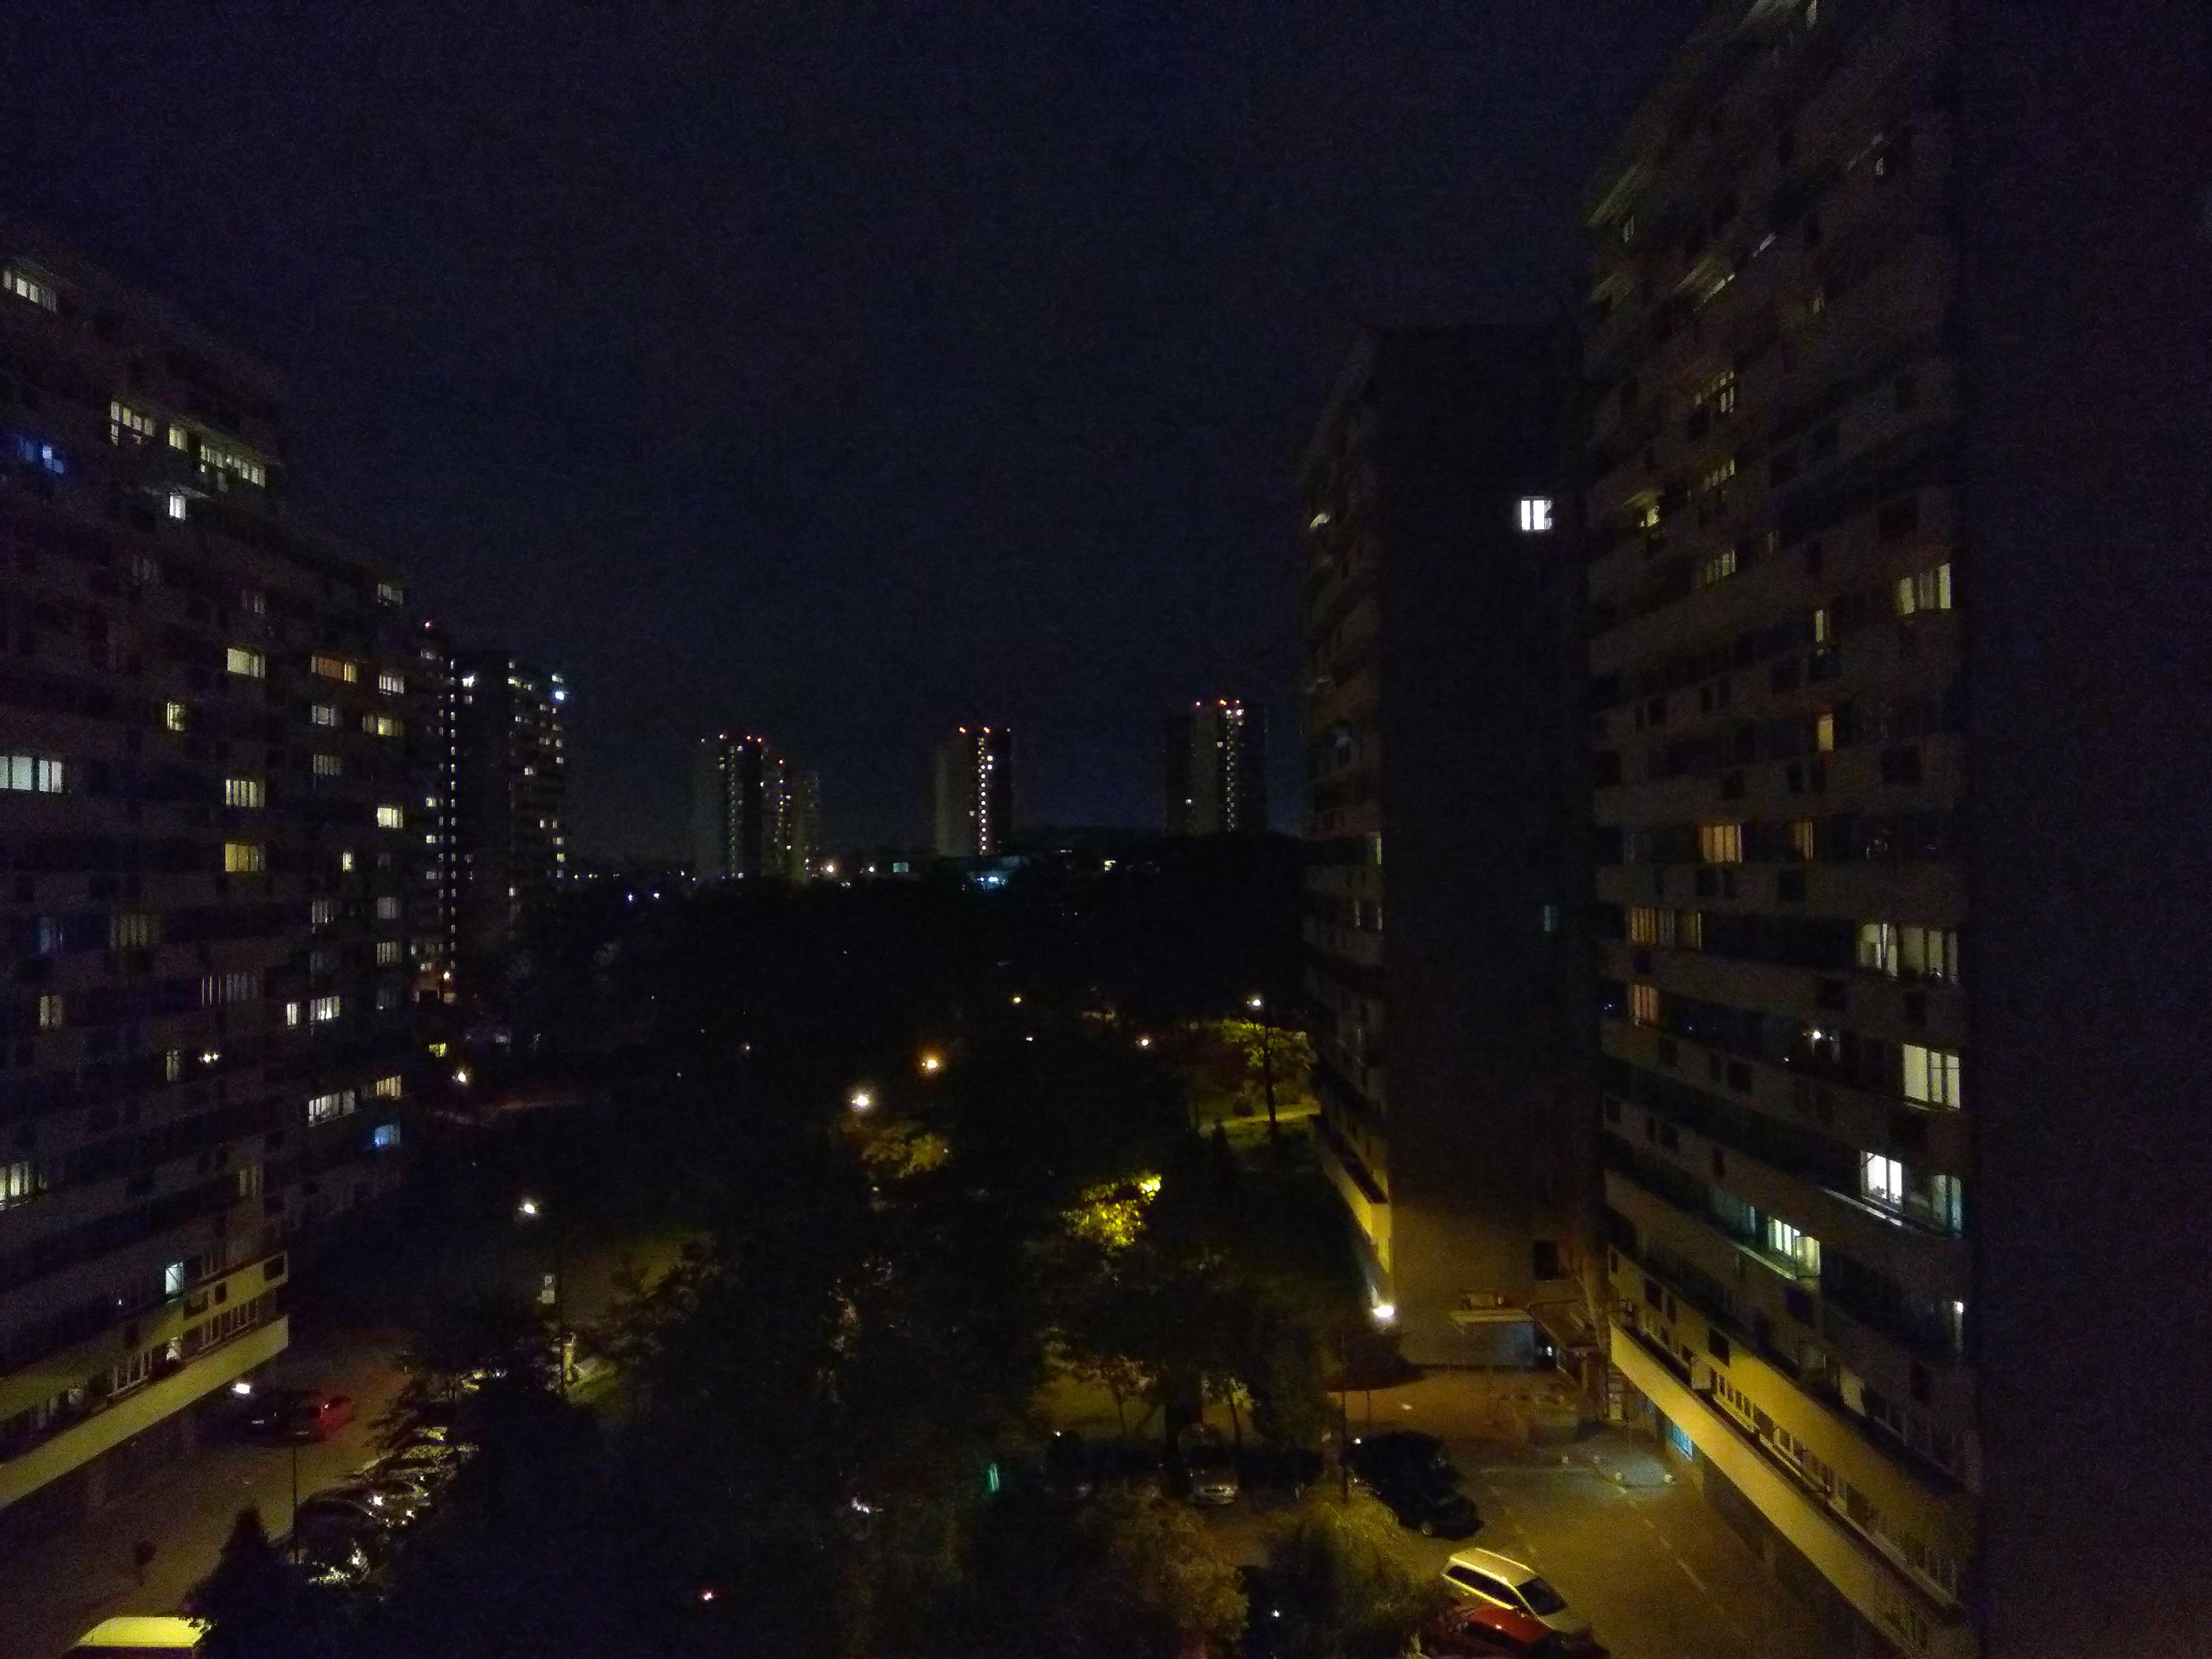 Zdjęcia nocne - Nokia 5